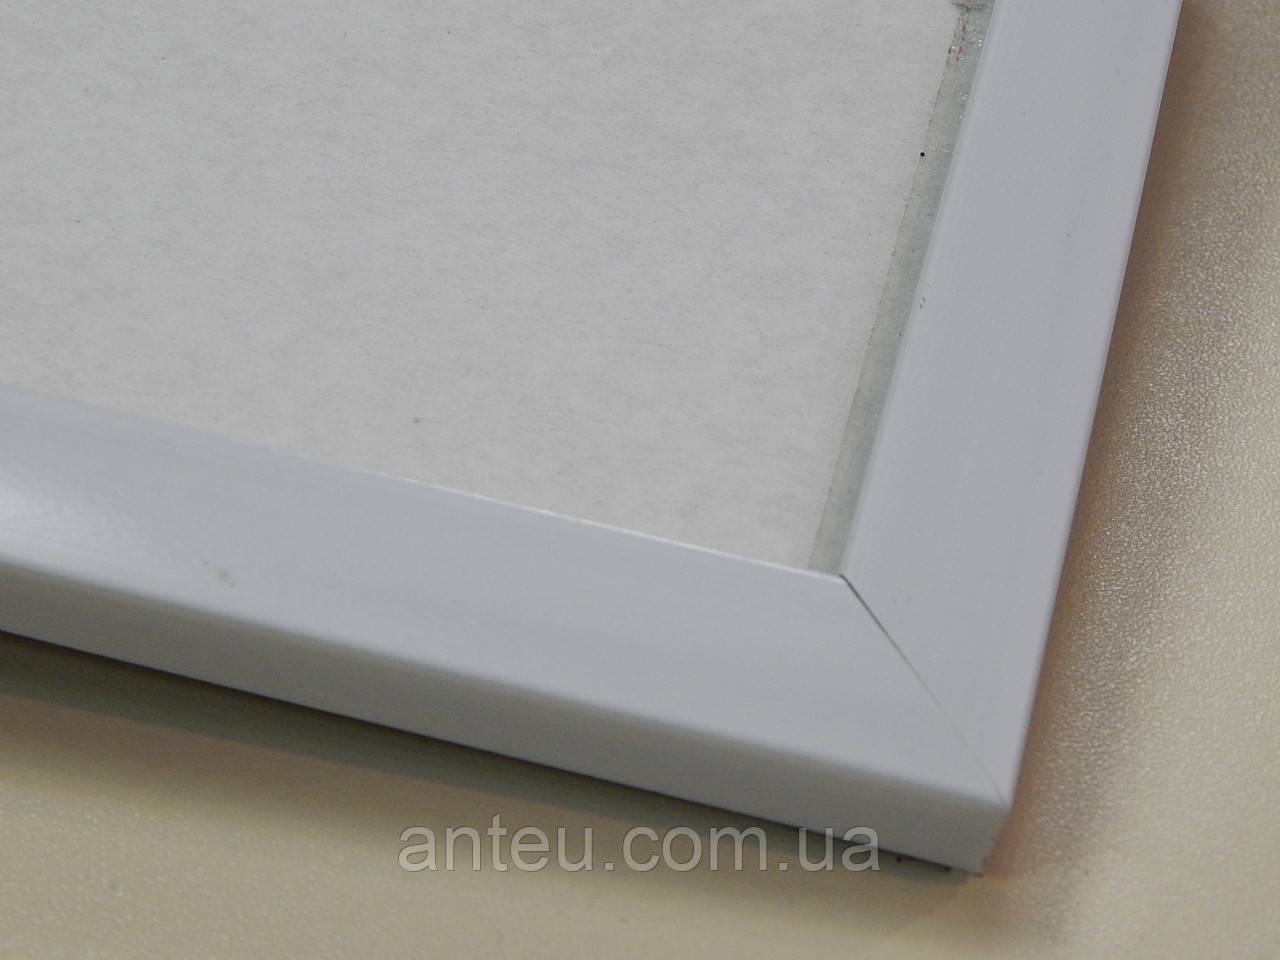 Рамка  200х300.Рамка пластиковая 16 мм.Белый полуматовый.